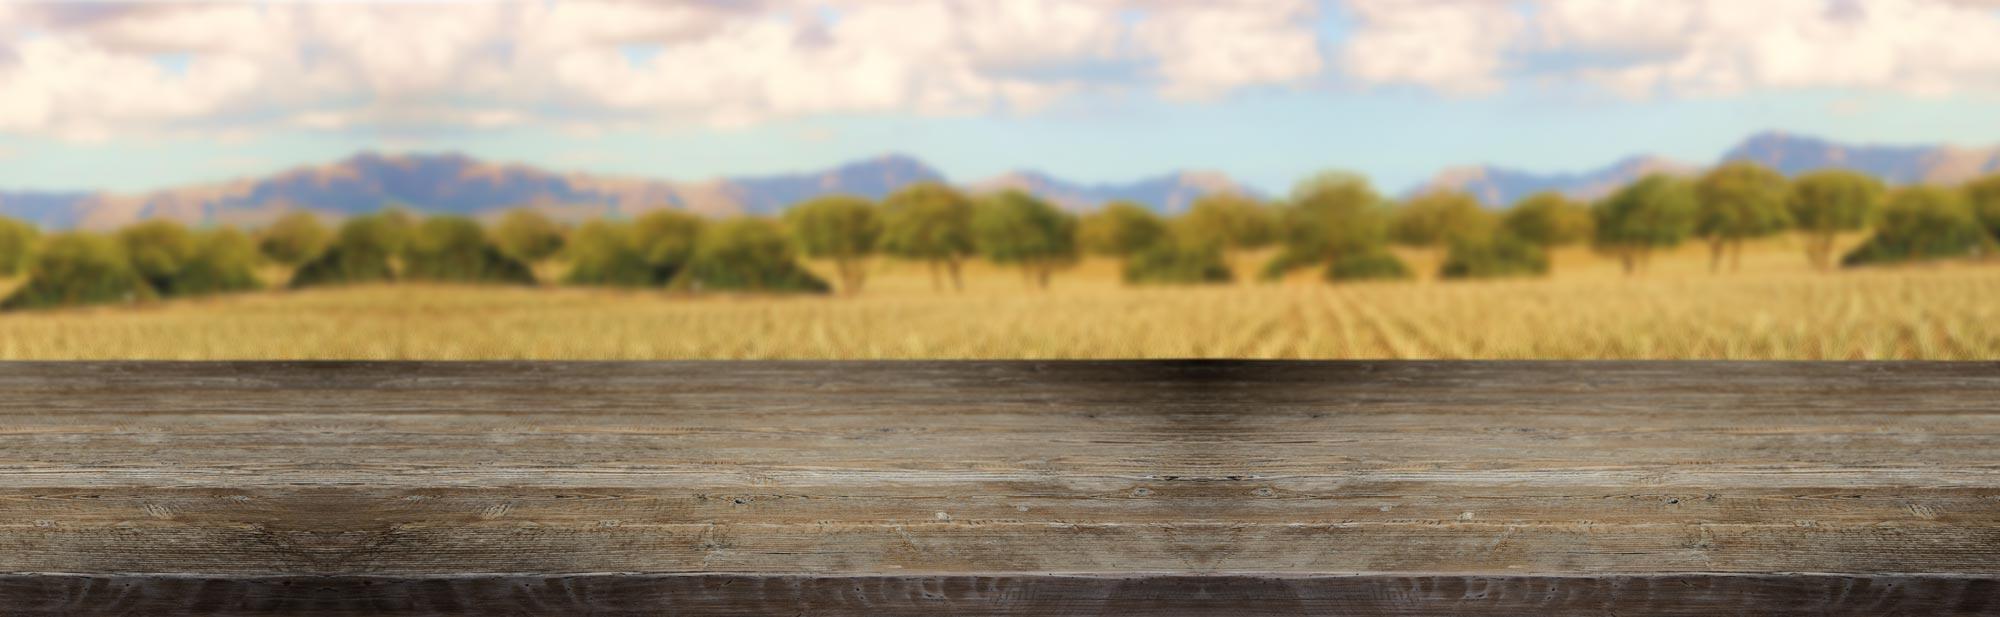 Slider Aloe Vera Farm Hintergrund